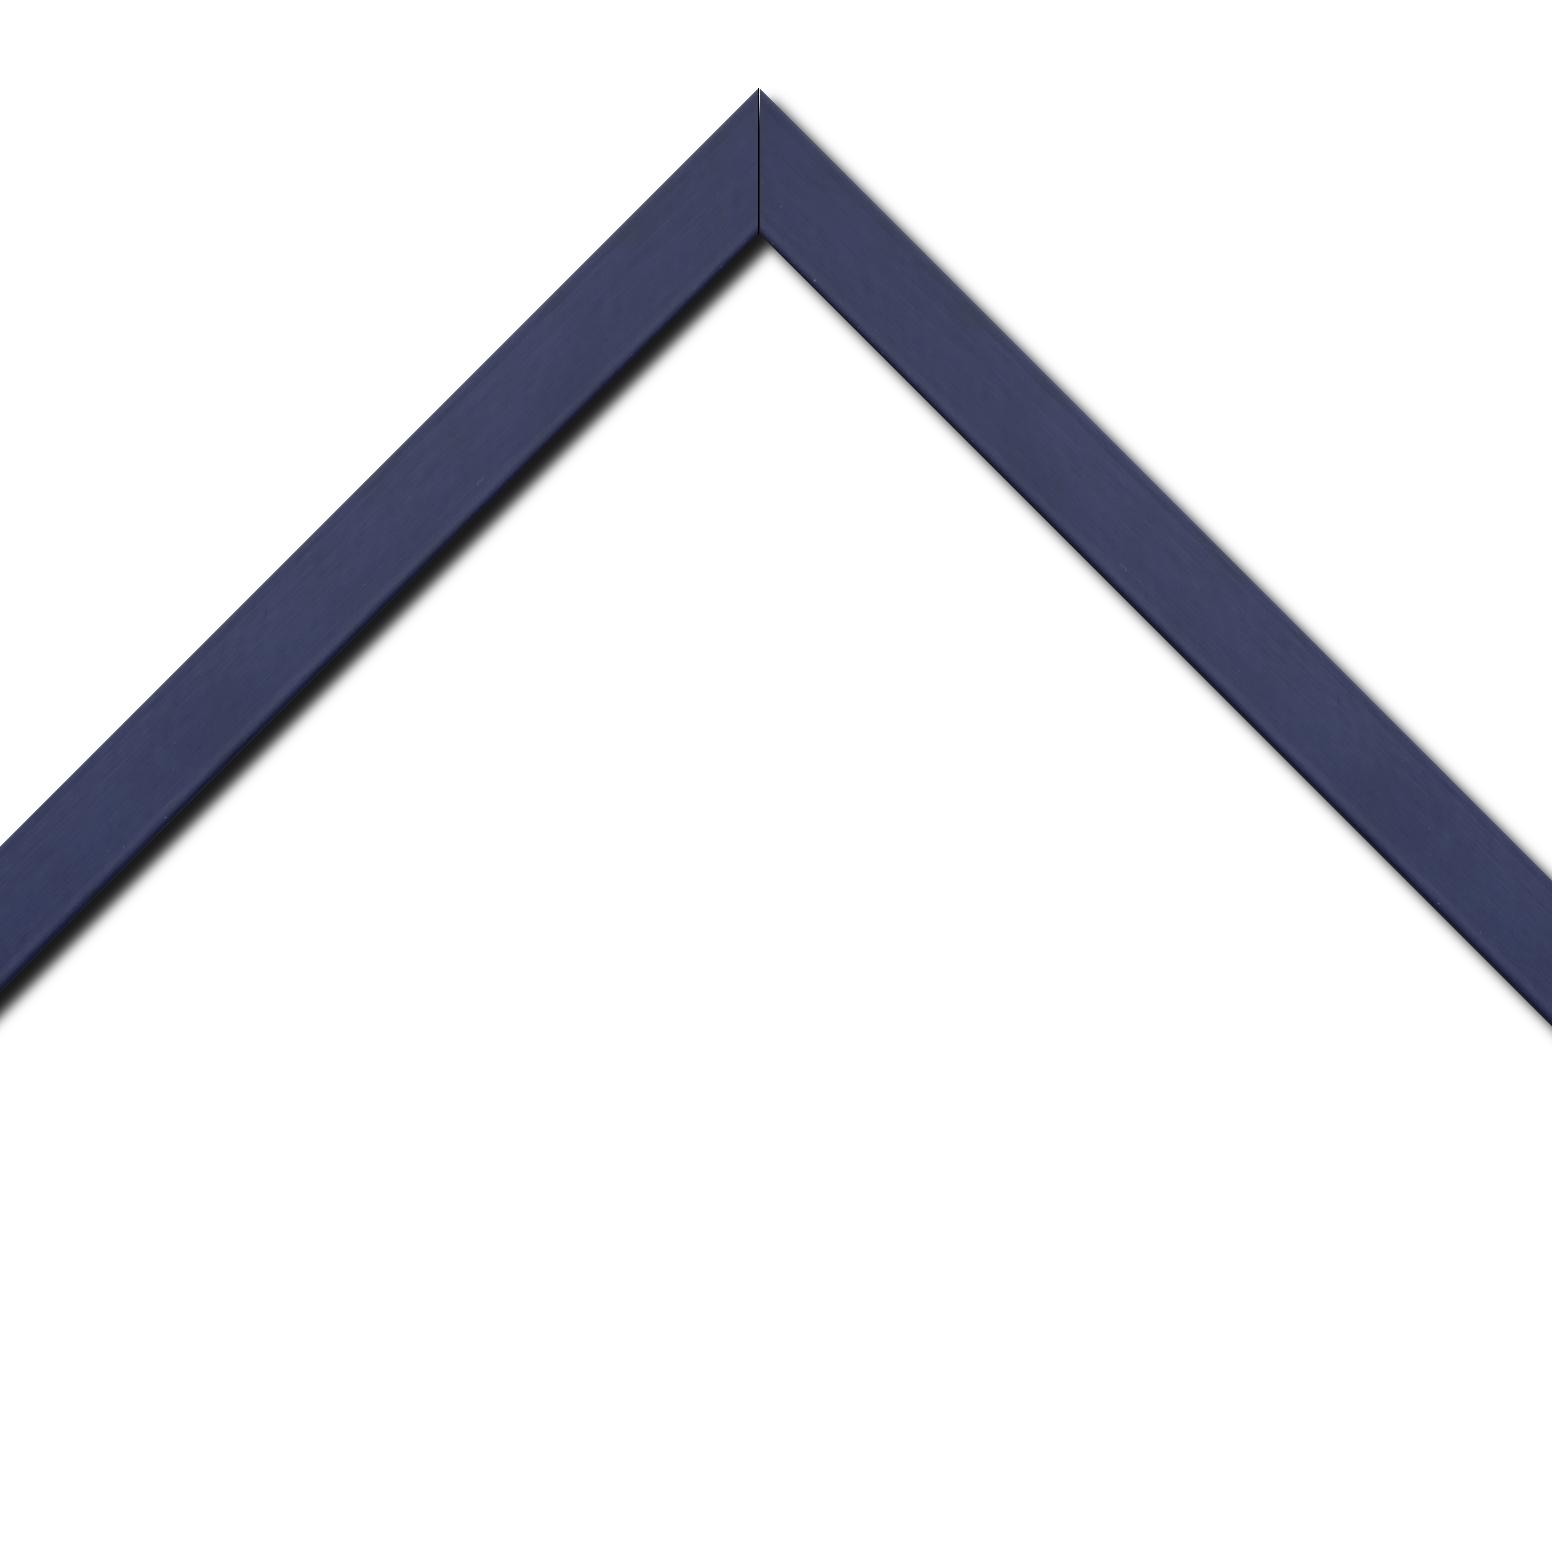 Baguette bois profil plat largeur 2.5cm couleur bleu matisse satiné